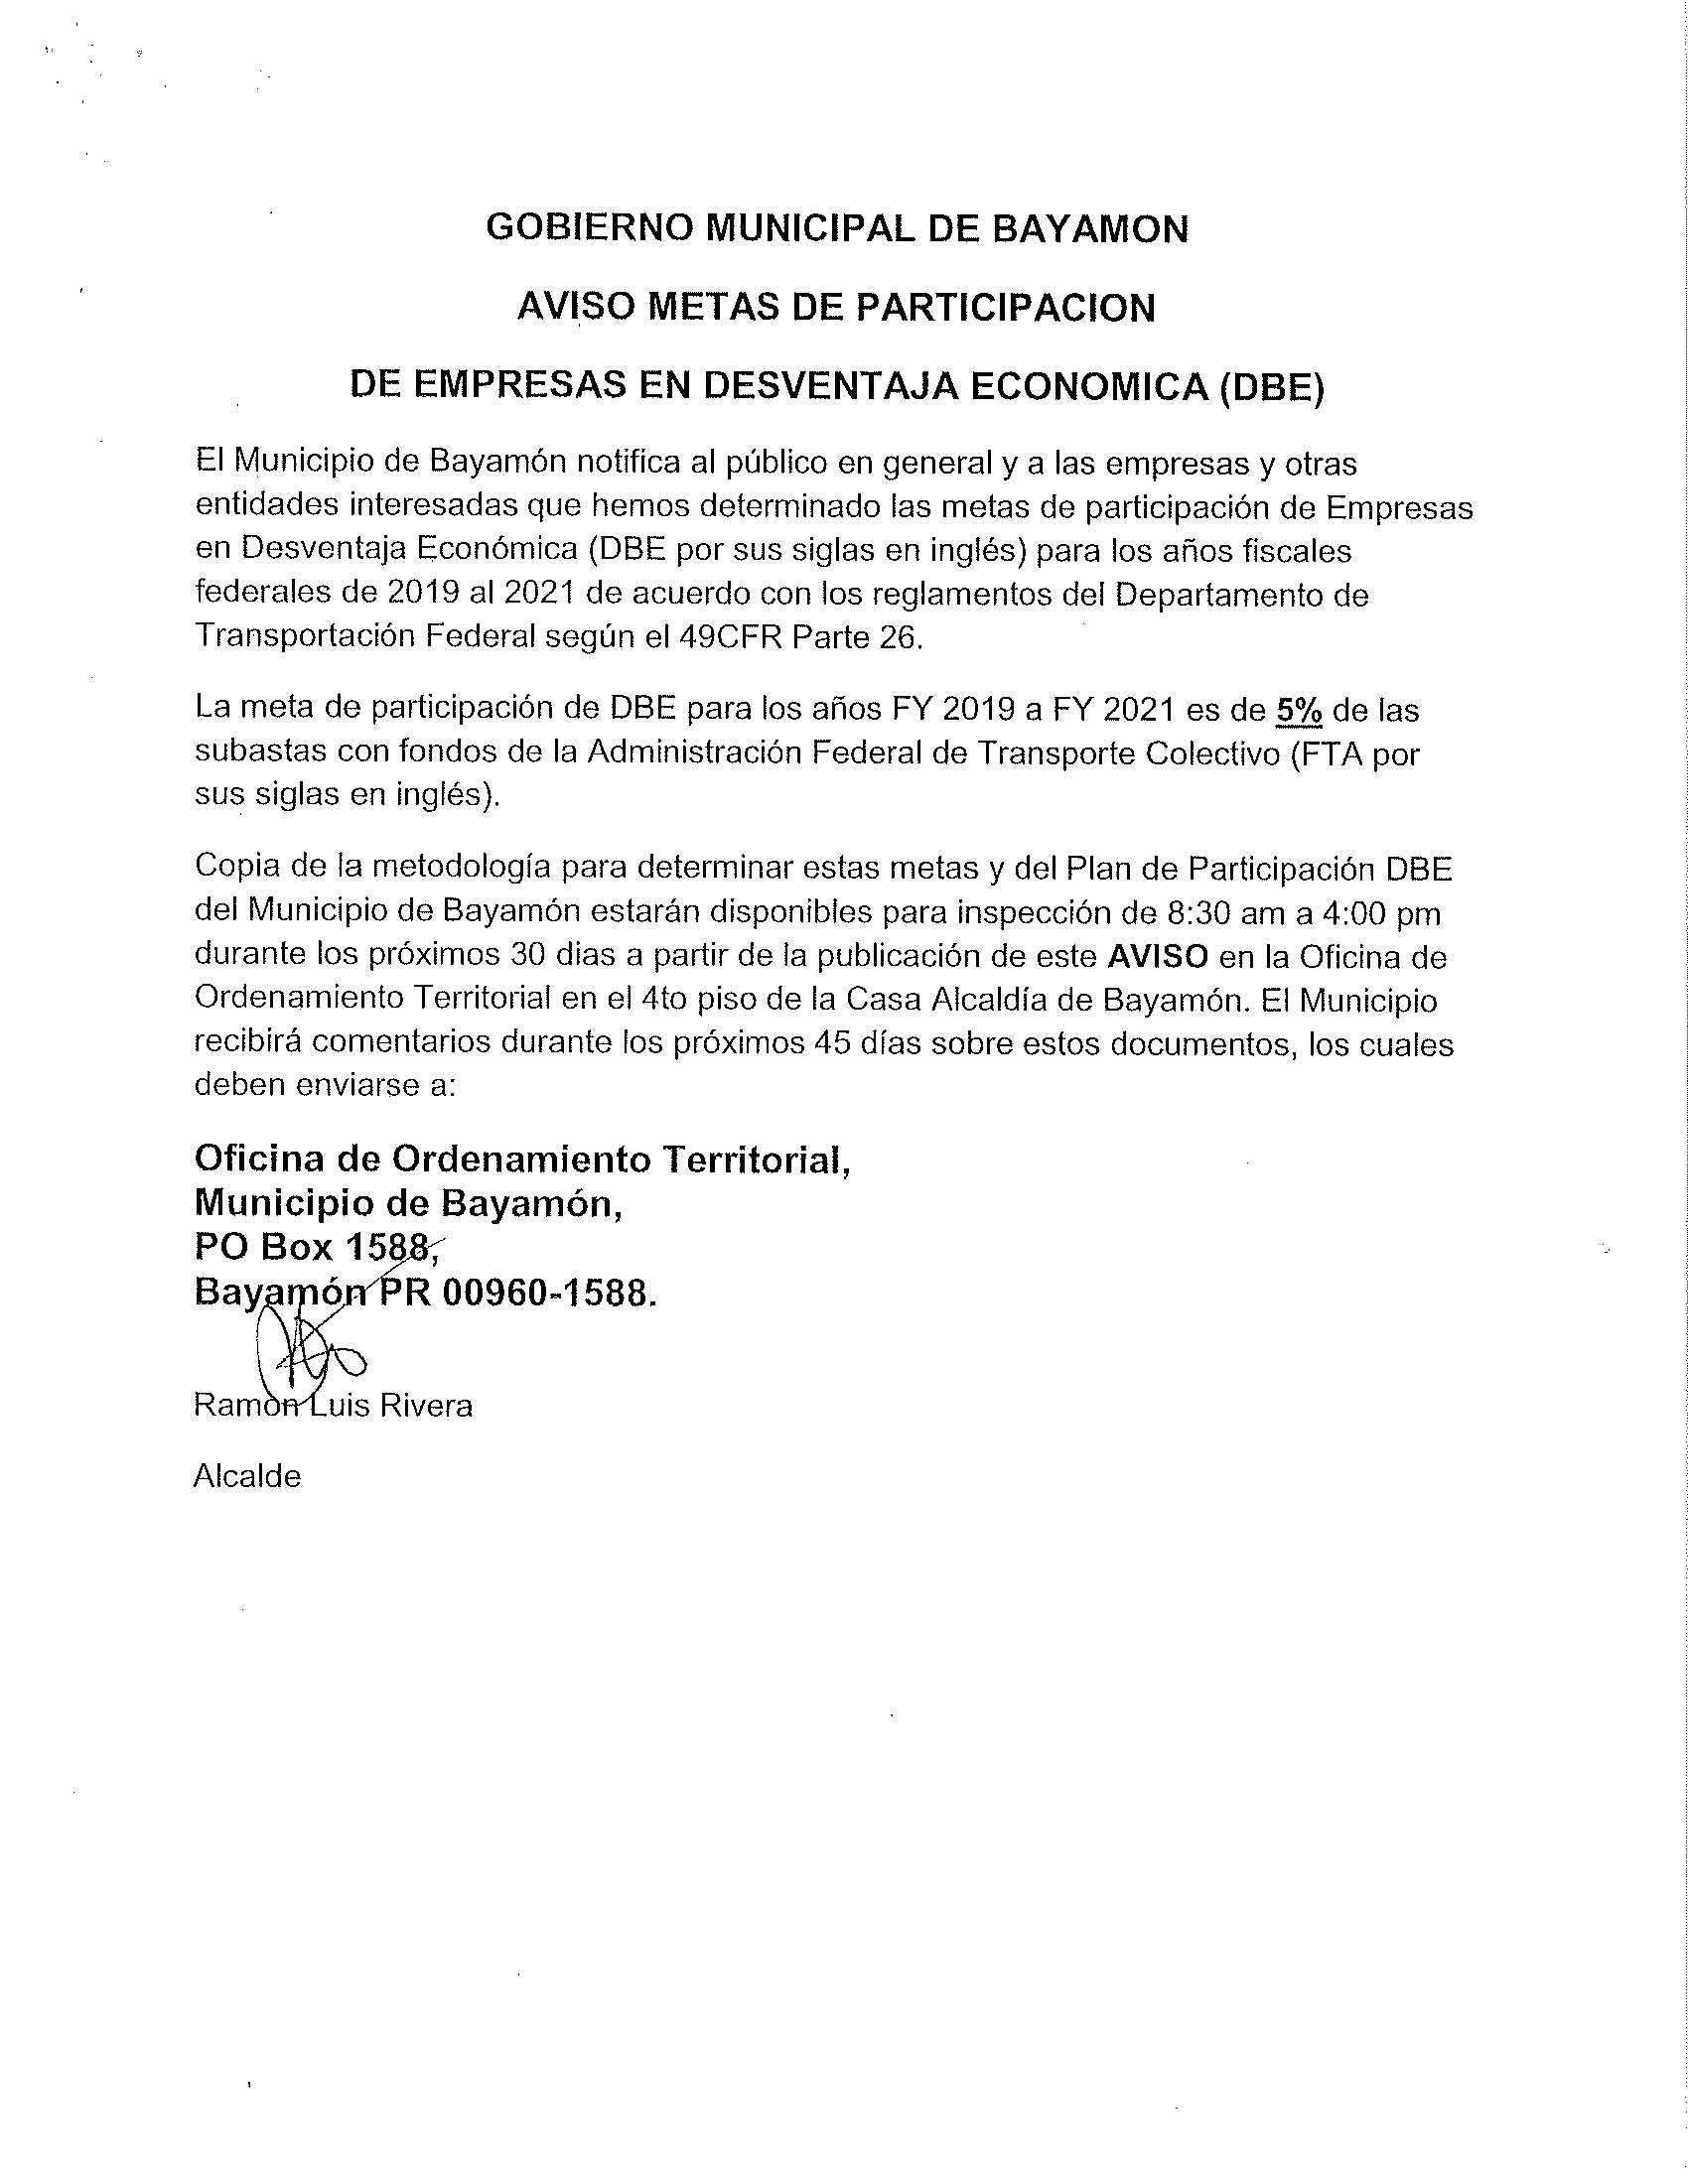 Calendario Marzo Abril Mayo 2019 Para Imprimir Más Recientemente Liberado Avisos Pºblicos Ciudad De Bayam³n